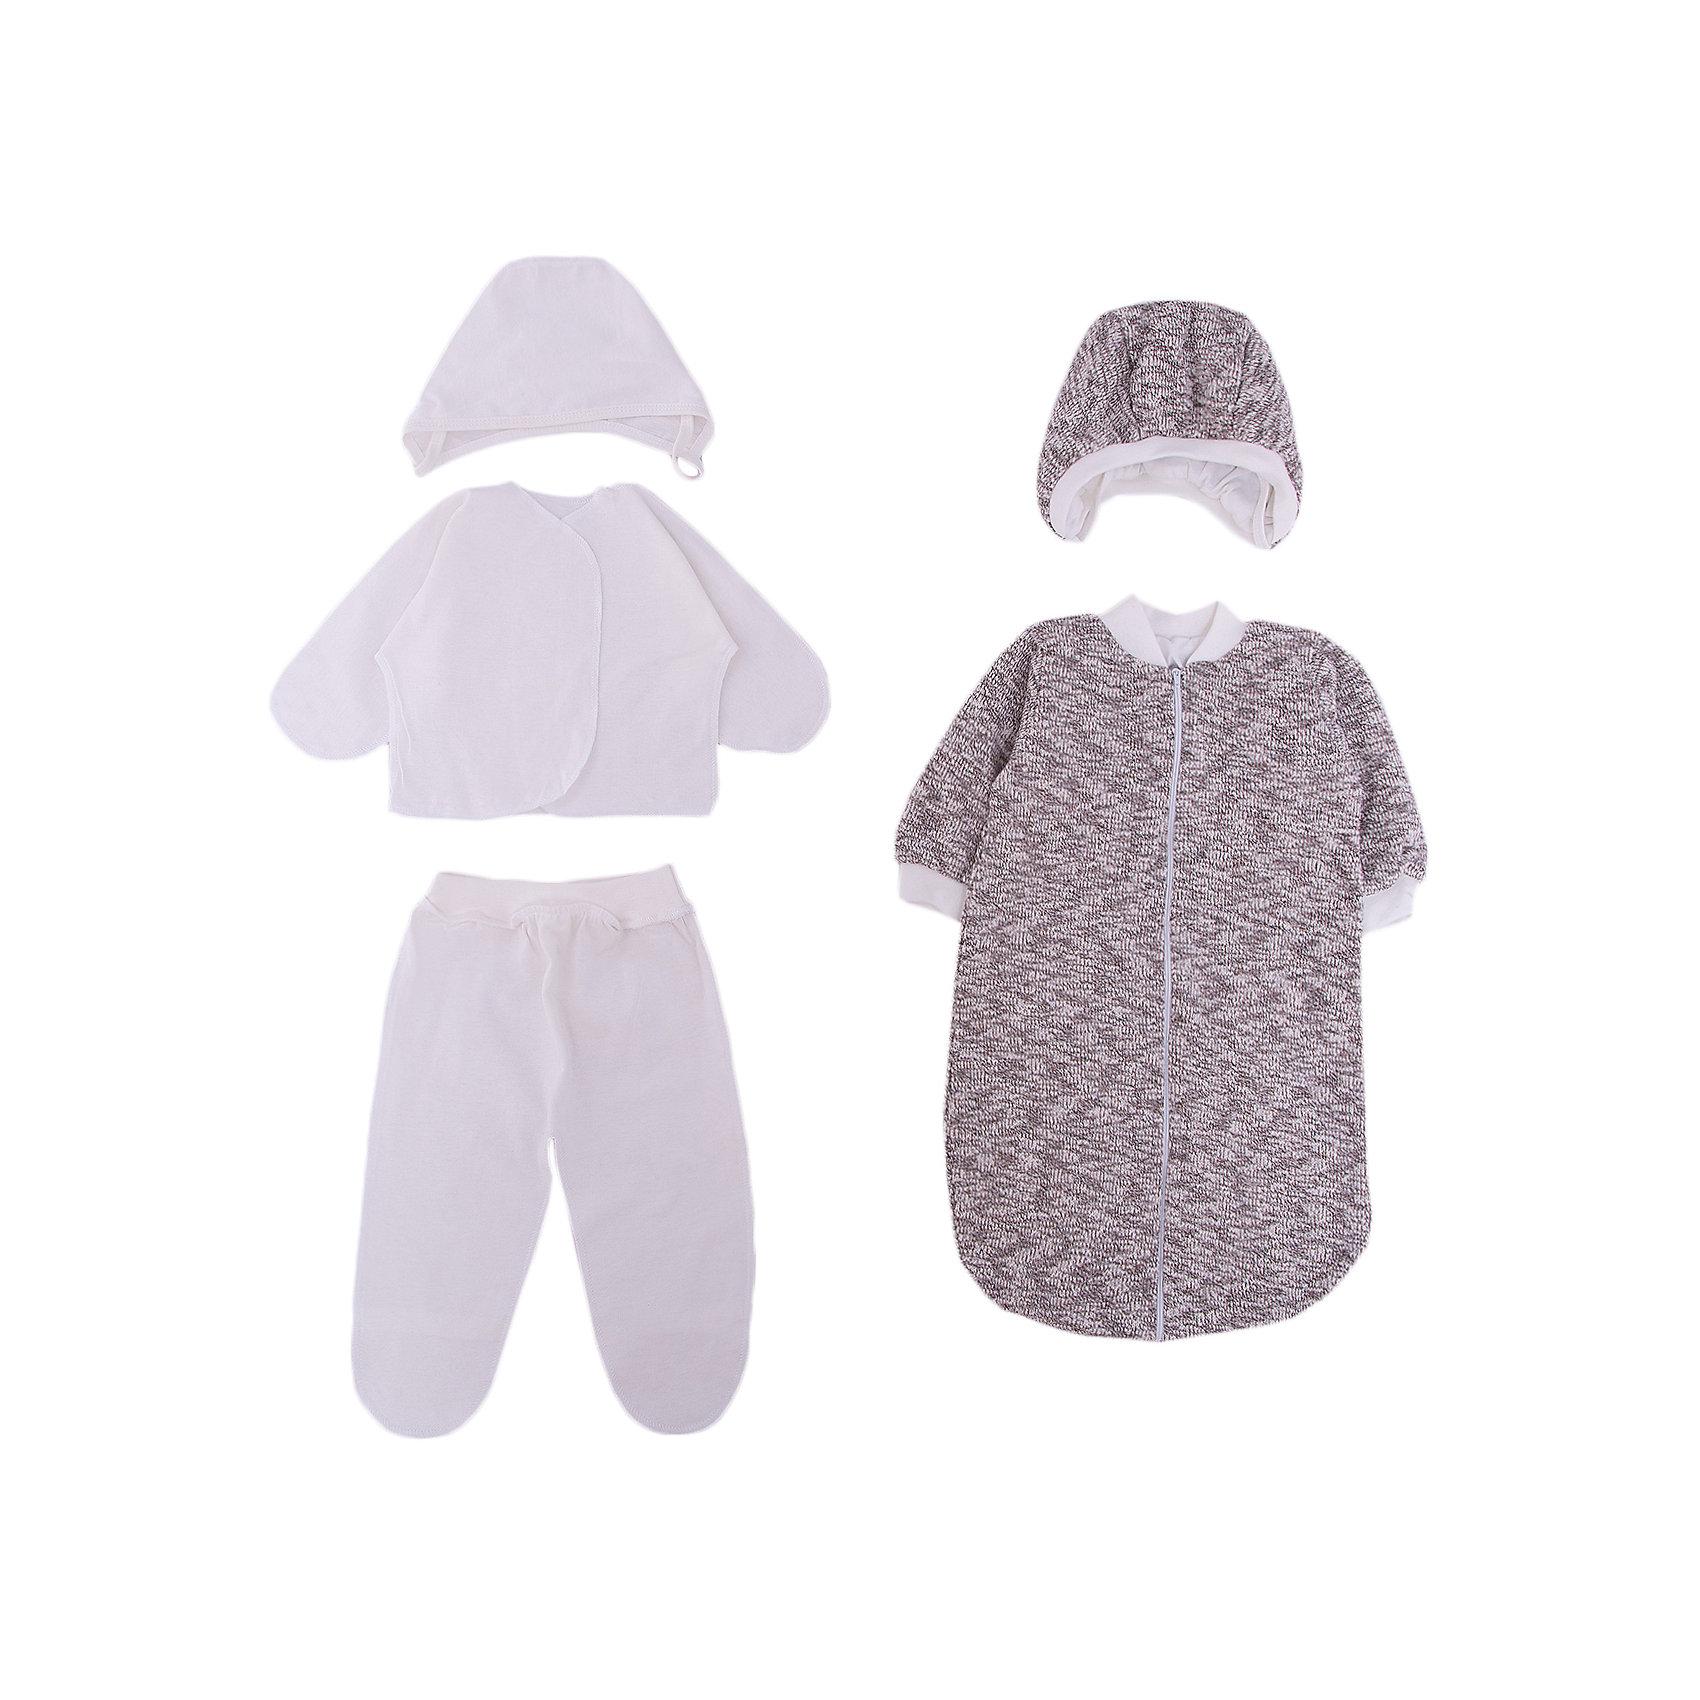 Комплект на выписку 6 пред., GulSara, 86 весна-осеньМишкаХарактеристики:<br><br>• Вид детского текстиля: комплект на выписку<br>• Предназначение: на выписку, для прогулки<br>• Сезон: весна, осень<br>• Утеплитель: средняя степень<br>• Температурный режим: от -10? С до +20? С<br>• Пол: универсальный<br>• Тематика рисунка: медвежонок<br>• Материал: трикотаж, велсофт<br>• Цвет: молочный, серый<br>• Комплектация:<br> шапочка на синтепоне – 1 шт. р-р 56-36<br> одеяло из вязаного трикотажа – 1 шт. р-р 90*100 см<br> кофточка из вязаного трикотажа – 1 шт. р-р 56-36<br> ползунки из вязаного трикотажа – 1 шт. р-р 56-36<br> ползунки – 1 шт. р-р 56-36<br> распашонка – 1 шт. р-р 56-36<br> чепчик – 1 шт. р-р 56-36<br>• Особенности ухода: машинная стирка при температуре 30 градусов без использования отбеливающих и красящих веществ<br><br>Комплект на выписку 6 пред., GulSara, 86 весна-осень Мишка от отечественного швейного производства, который выпускает современный текстиль и товары для новорожденных, изготовленных на основе вековых традиций. В своем производстве GulSara использует только экологичные и натуральные материалы, что обеспечивает их безопасность даже для малышей с чувствительной кожей. Набор предназначен для выписки в осенне-весенний период и состоит из шапочки и одеяла, выполненных из вязаного трикотажного полотна. <br><br>В качестве утеплителя использован синтепон – легкий, но при этом гипоаллергенный материал. Для промежуточного слоя одежды в наборе предусмотрены кофточка и ползунки, также выполненные из вязаного трикотажного полотна. Комплект нижней одежды состоит из ползунков, распашонки и чепчика, изготовленных из натурального хлопка. Одеяло оформлено аппликацией в виде медвежонка и кружевом. Комплект на выписку 6 пред., GulSara, 86 весна-осень Мишка создаст изысканный и неповторимый образ вашего малыша!<br><br>Комплект на выписку 6 пред., GulSara, 86 весна-осень Мишка можно купить в нашем интернет-магазине.<br><br>Ширина мм: 750<br>Глубина мм: 400<br>Высота мм: 9